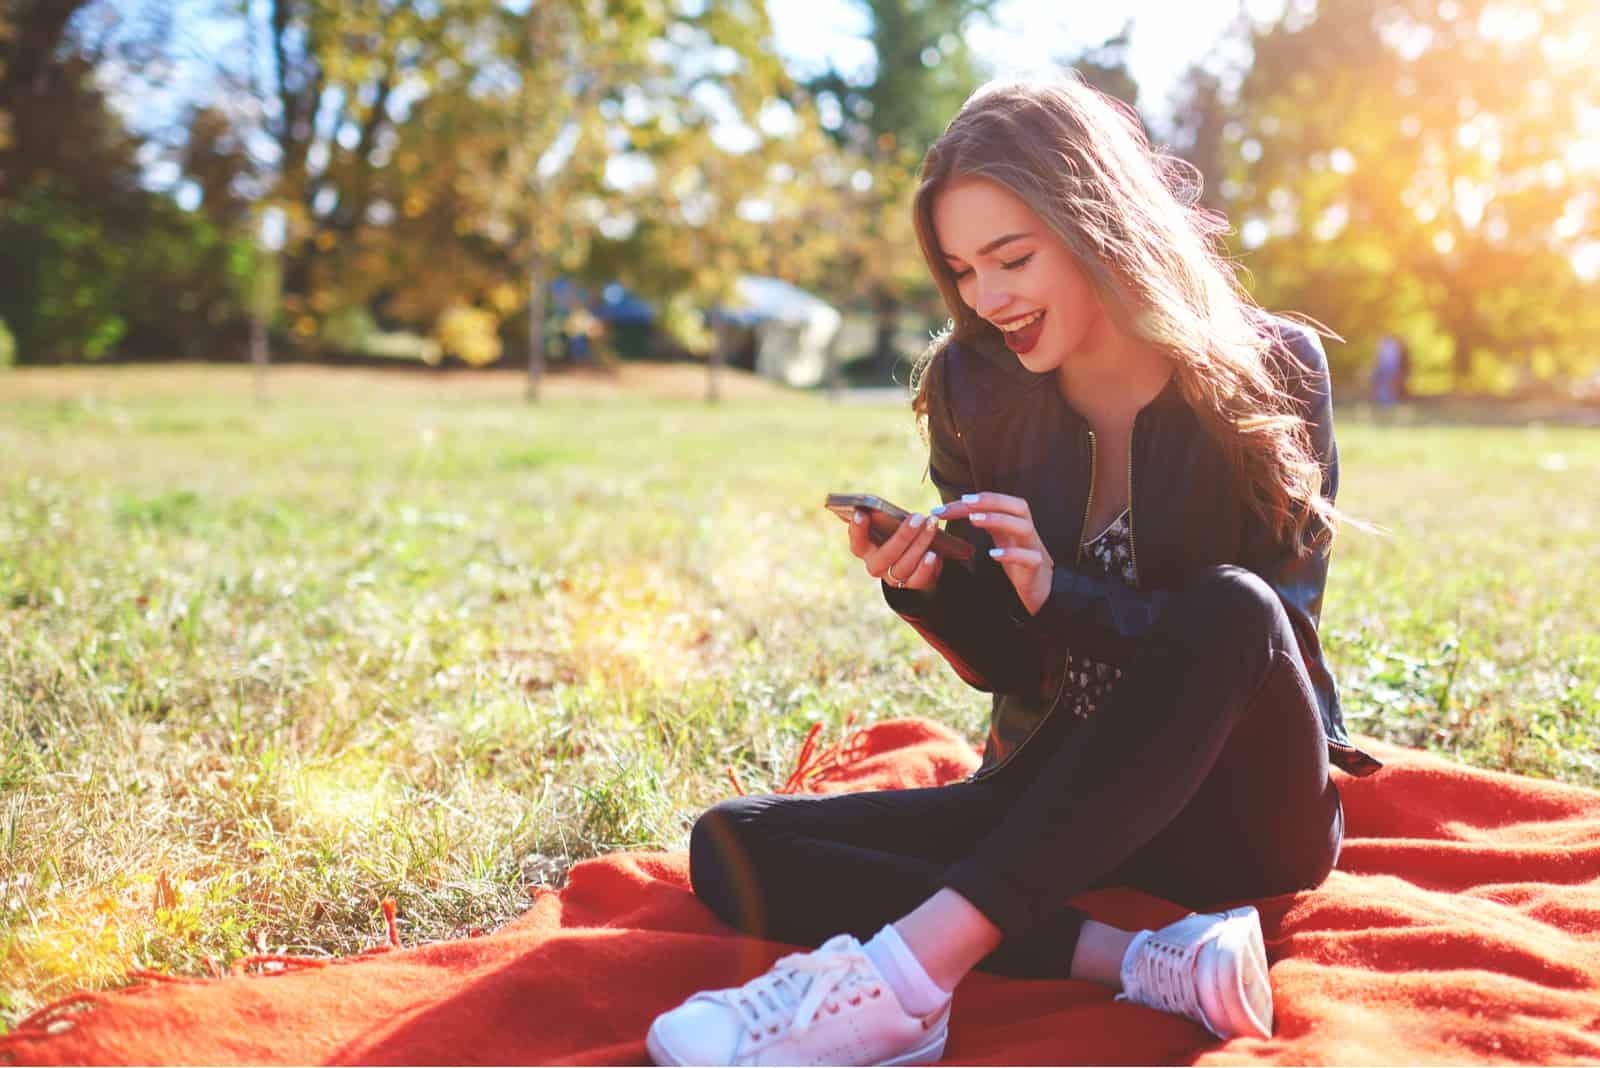 une femme souriante assise sur une couverture dans le parc et tapant au téléphone